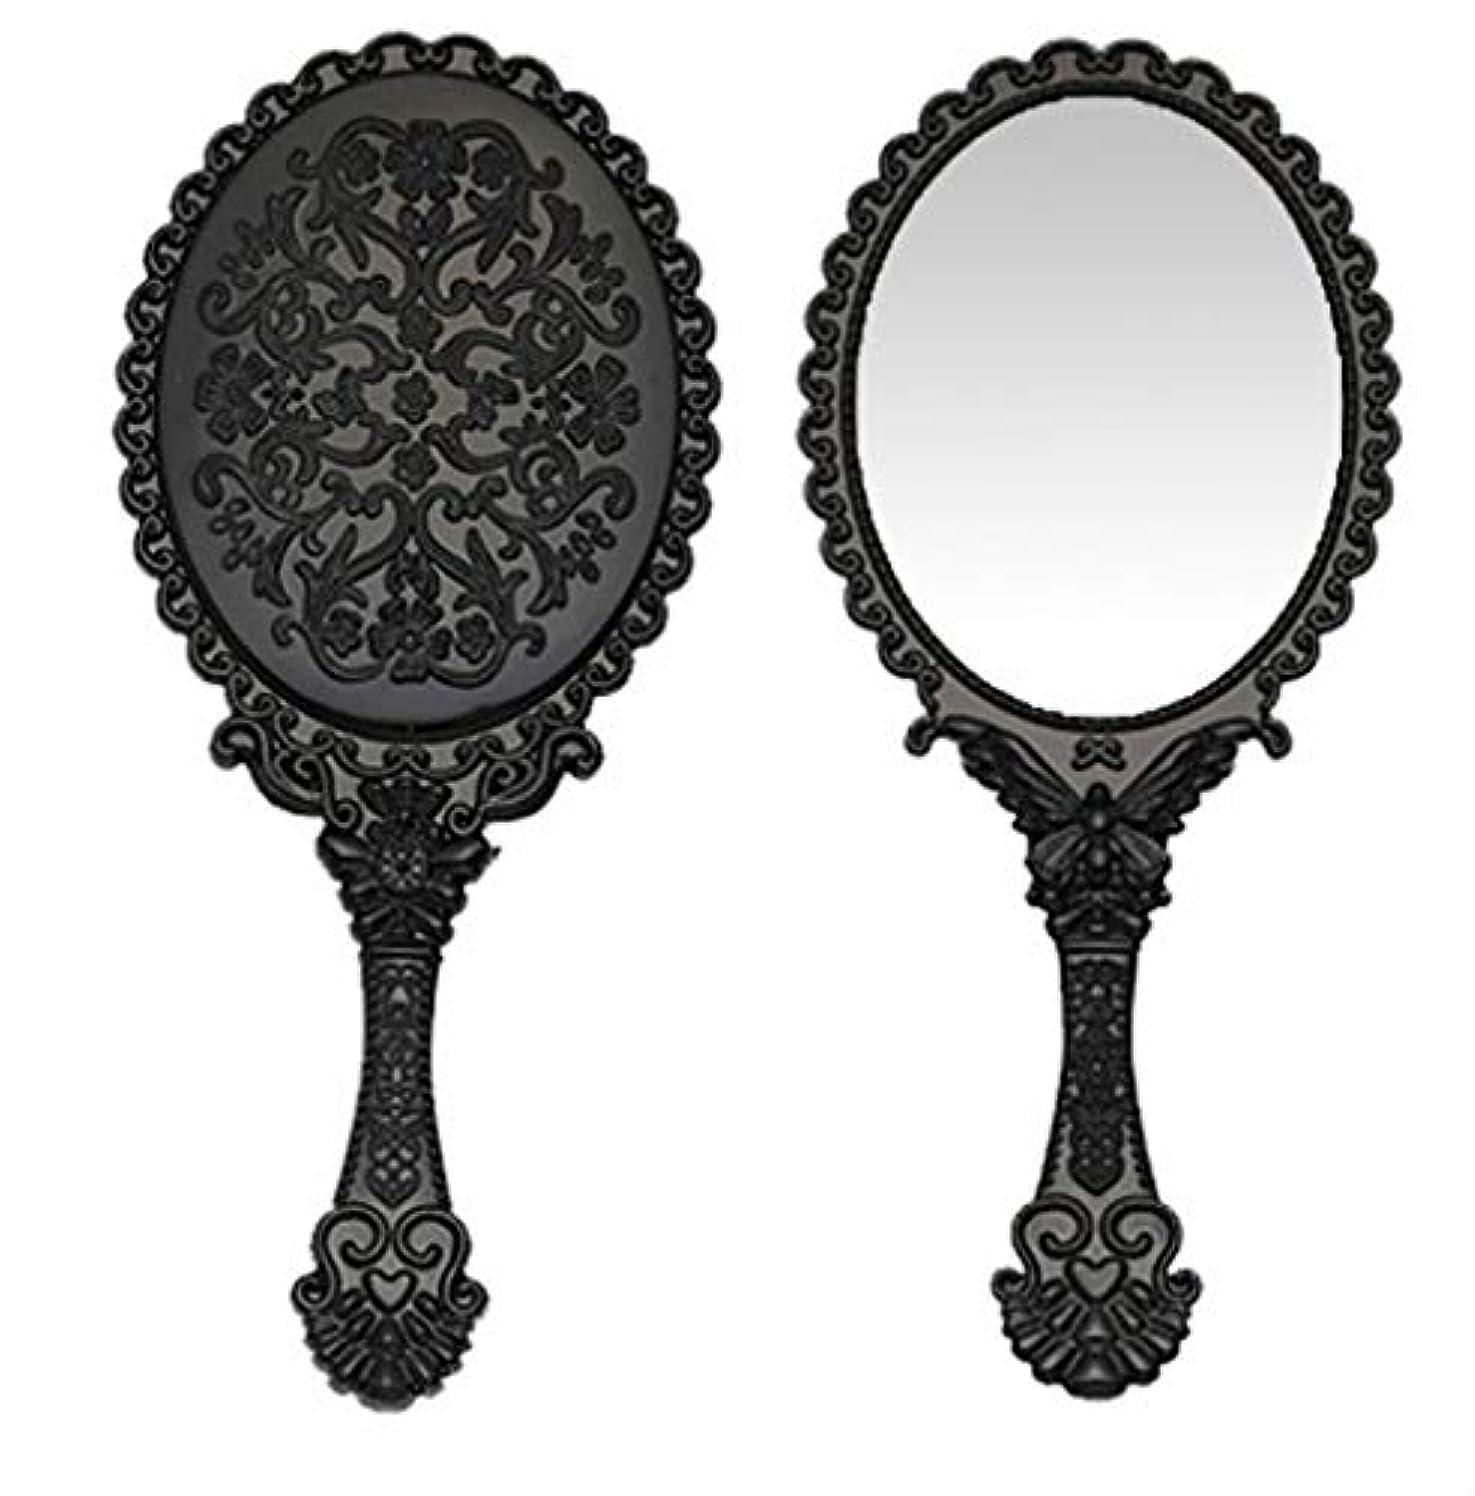 ボトルご覧ください覚醒送料無料 トゥインクル 楕円の鏡 メイク ポーチ 化粧 ミラー 手鏡 姫系ハンドミラー ブラック